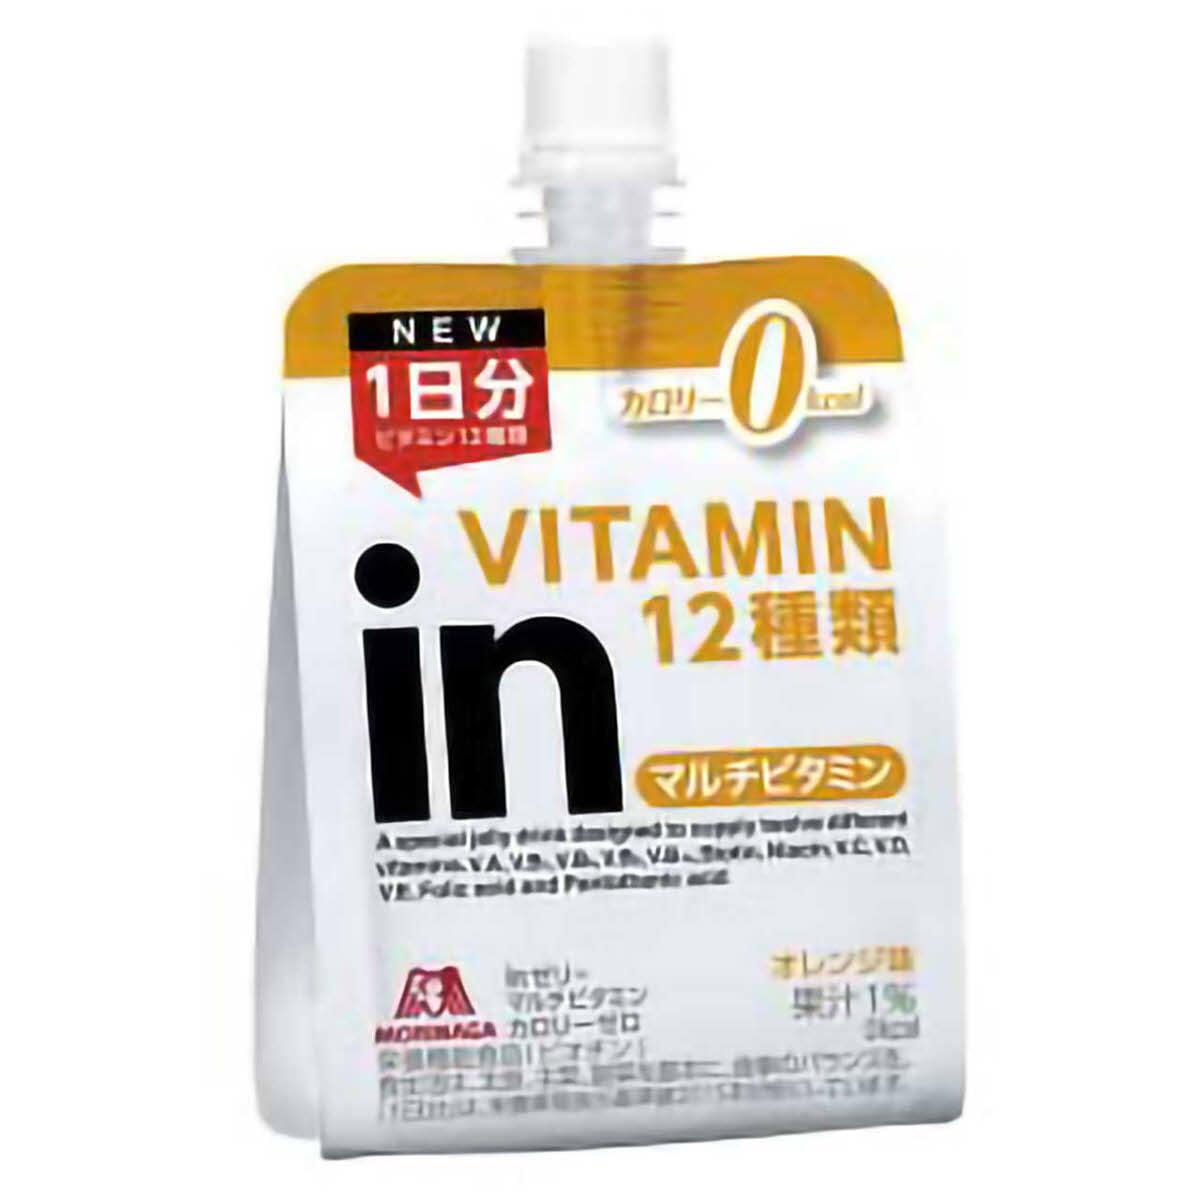 ミズノ (MIZUNO) 森永 inゼリー マルチビタミン カロリーゼロ(オレンジ味) 36JMM84100 [分類:プロテイン タブレット・他]